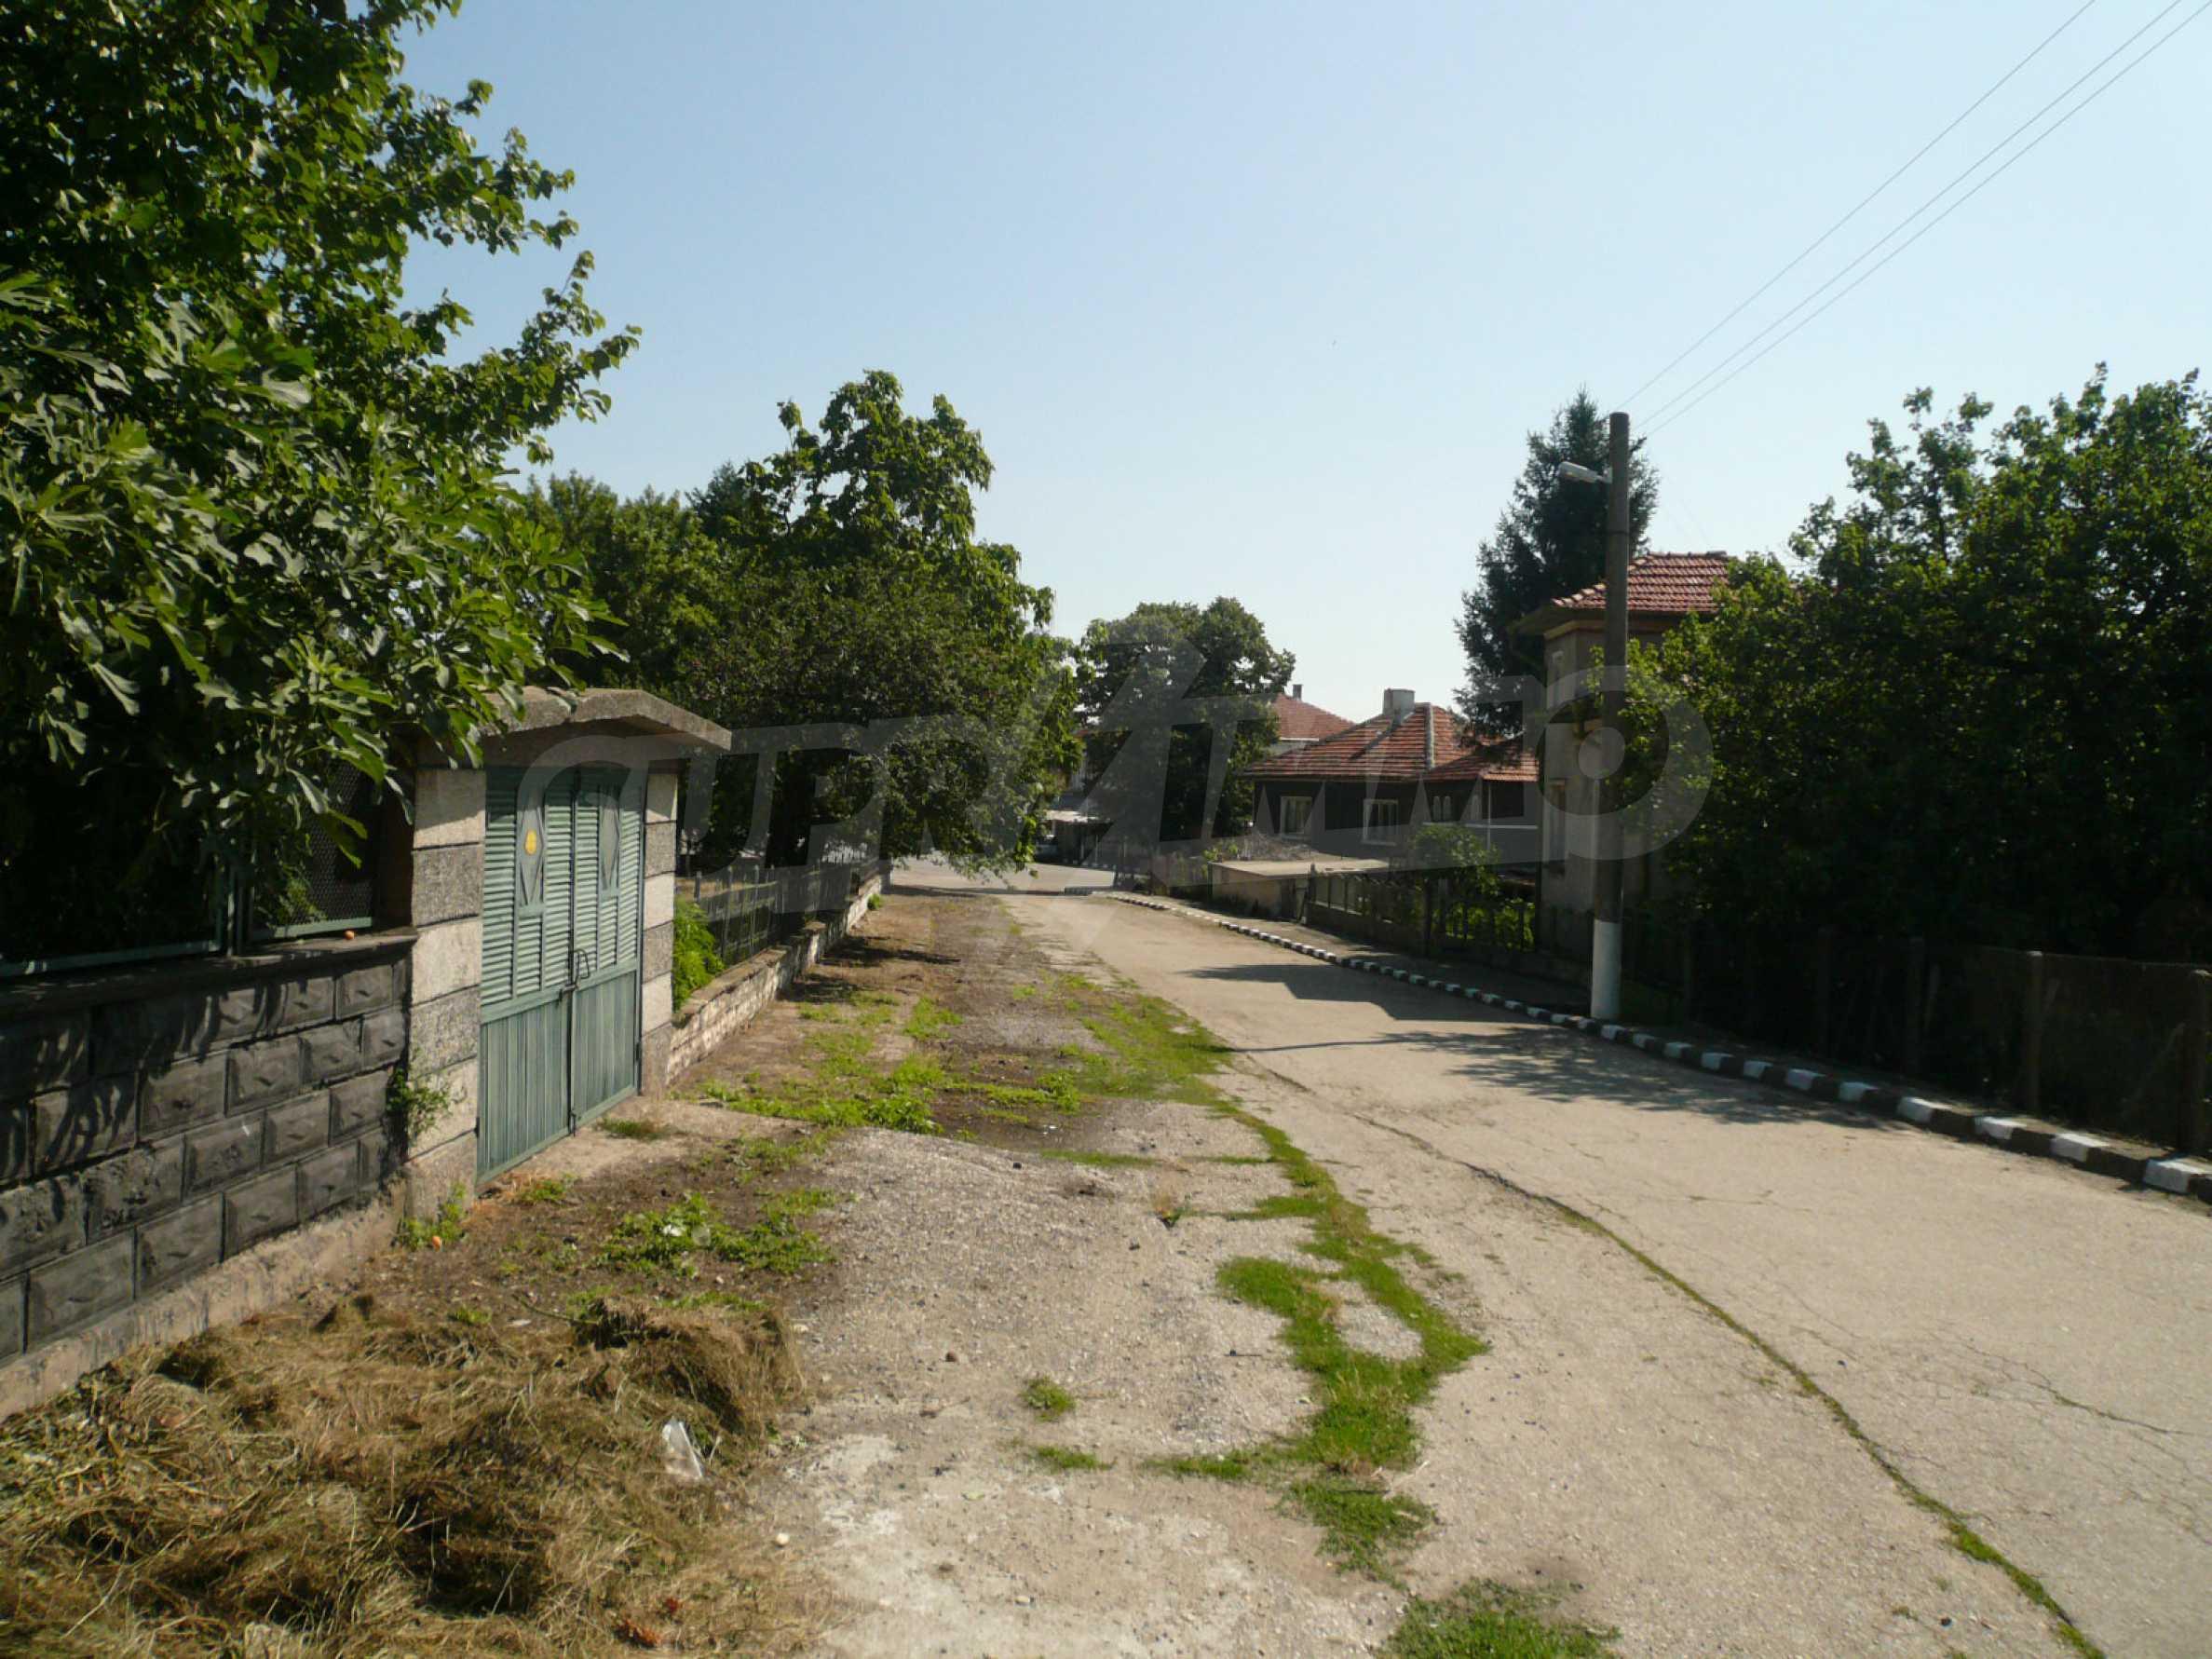 Ländliche Häuser mit einem Garten 12 km von Vidin entfernt 23